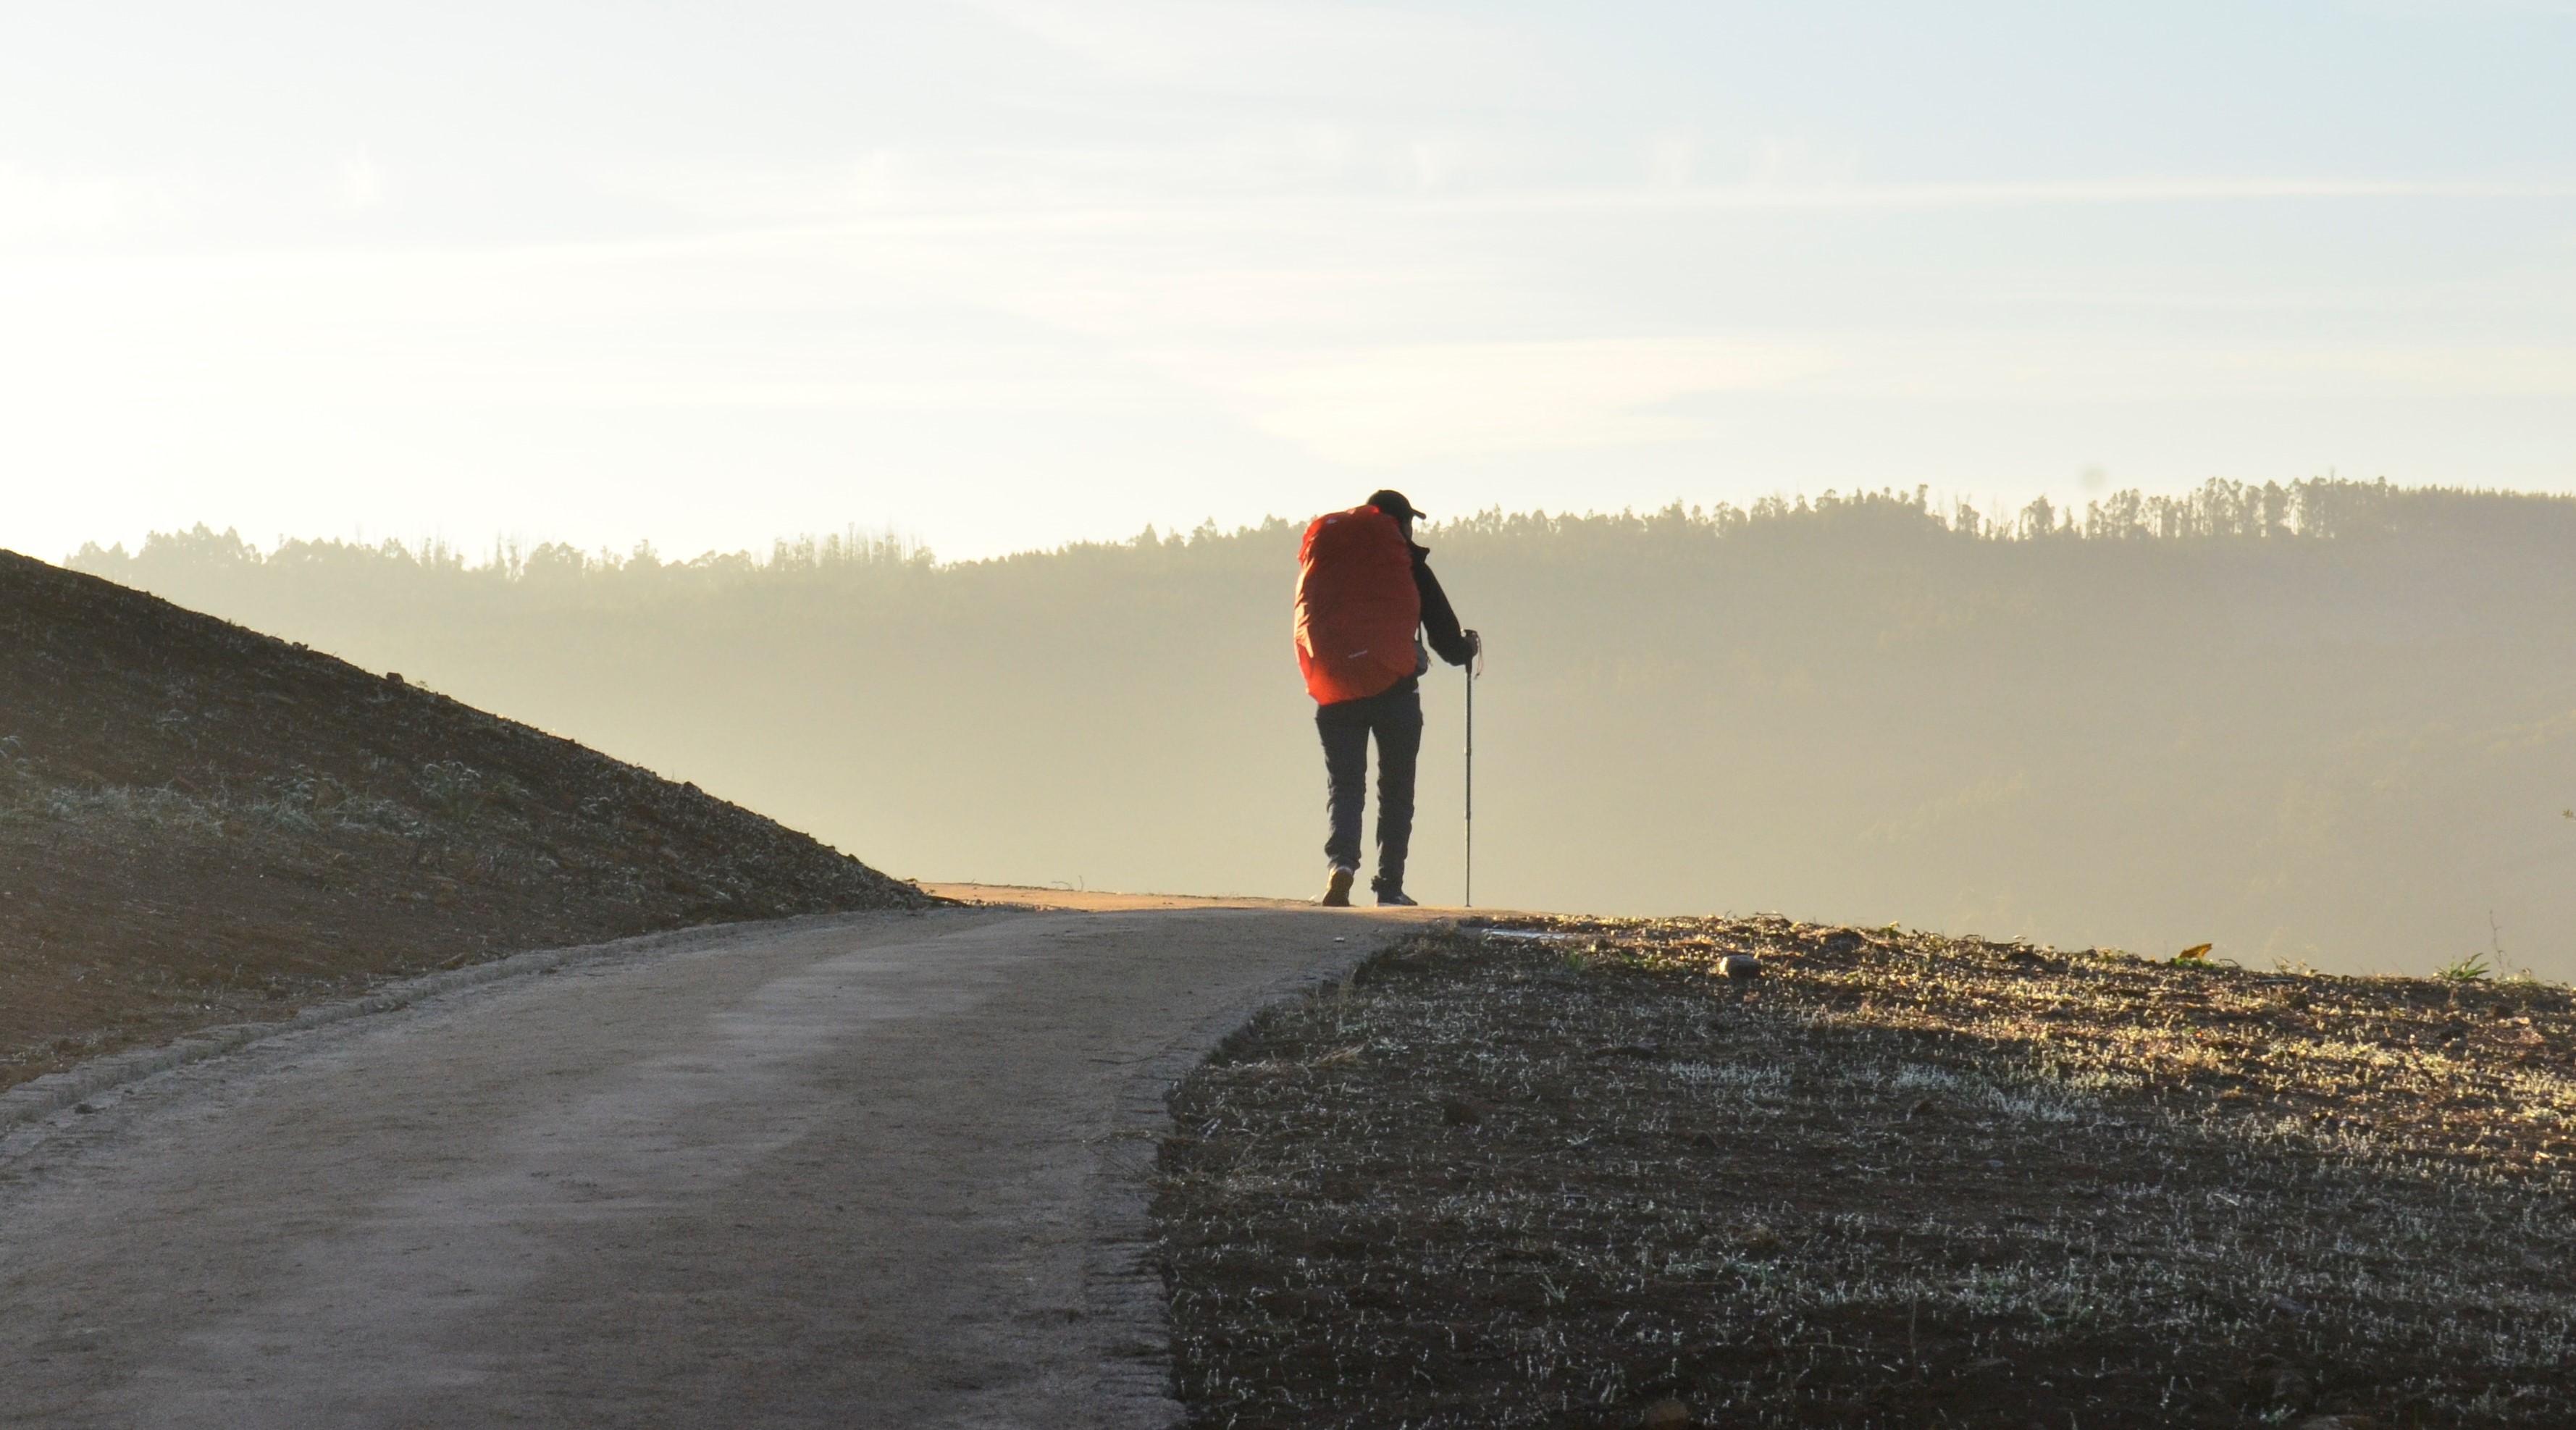 Voyager à pied, une expérience simple et profonde